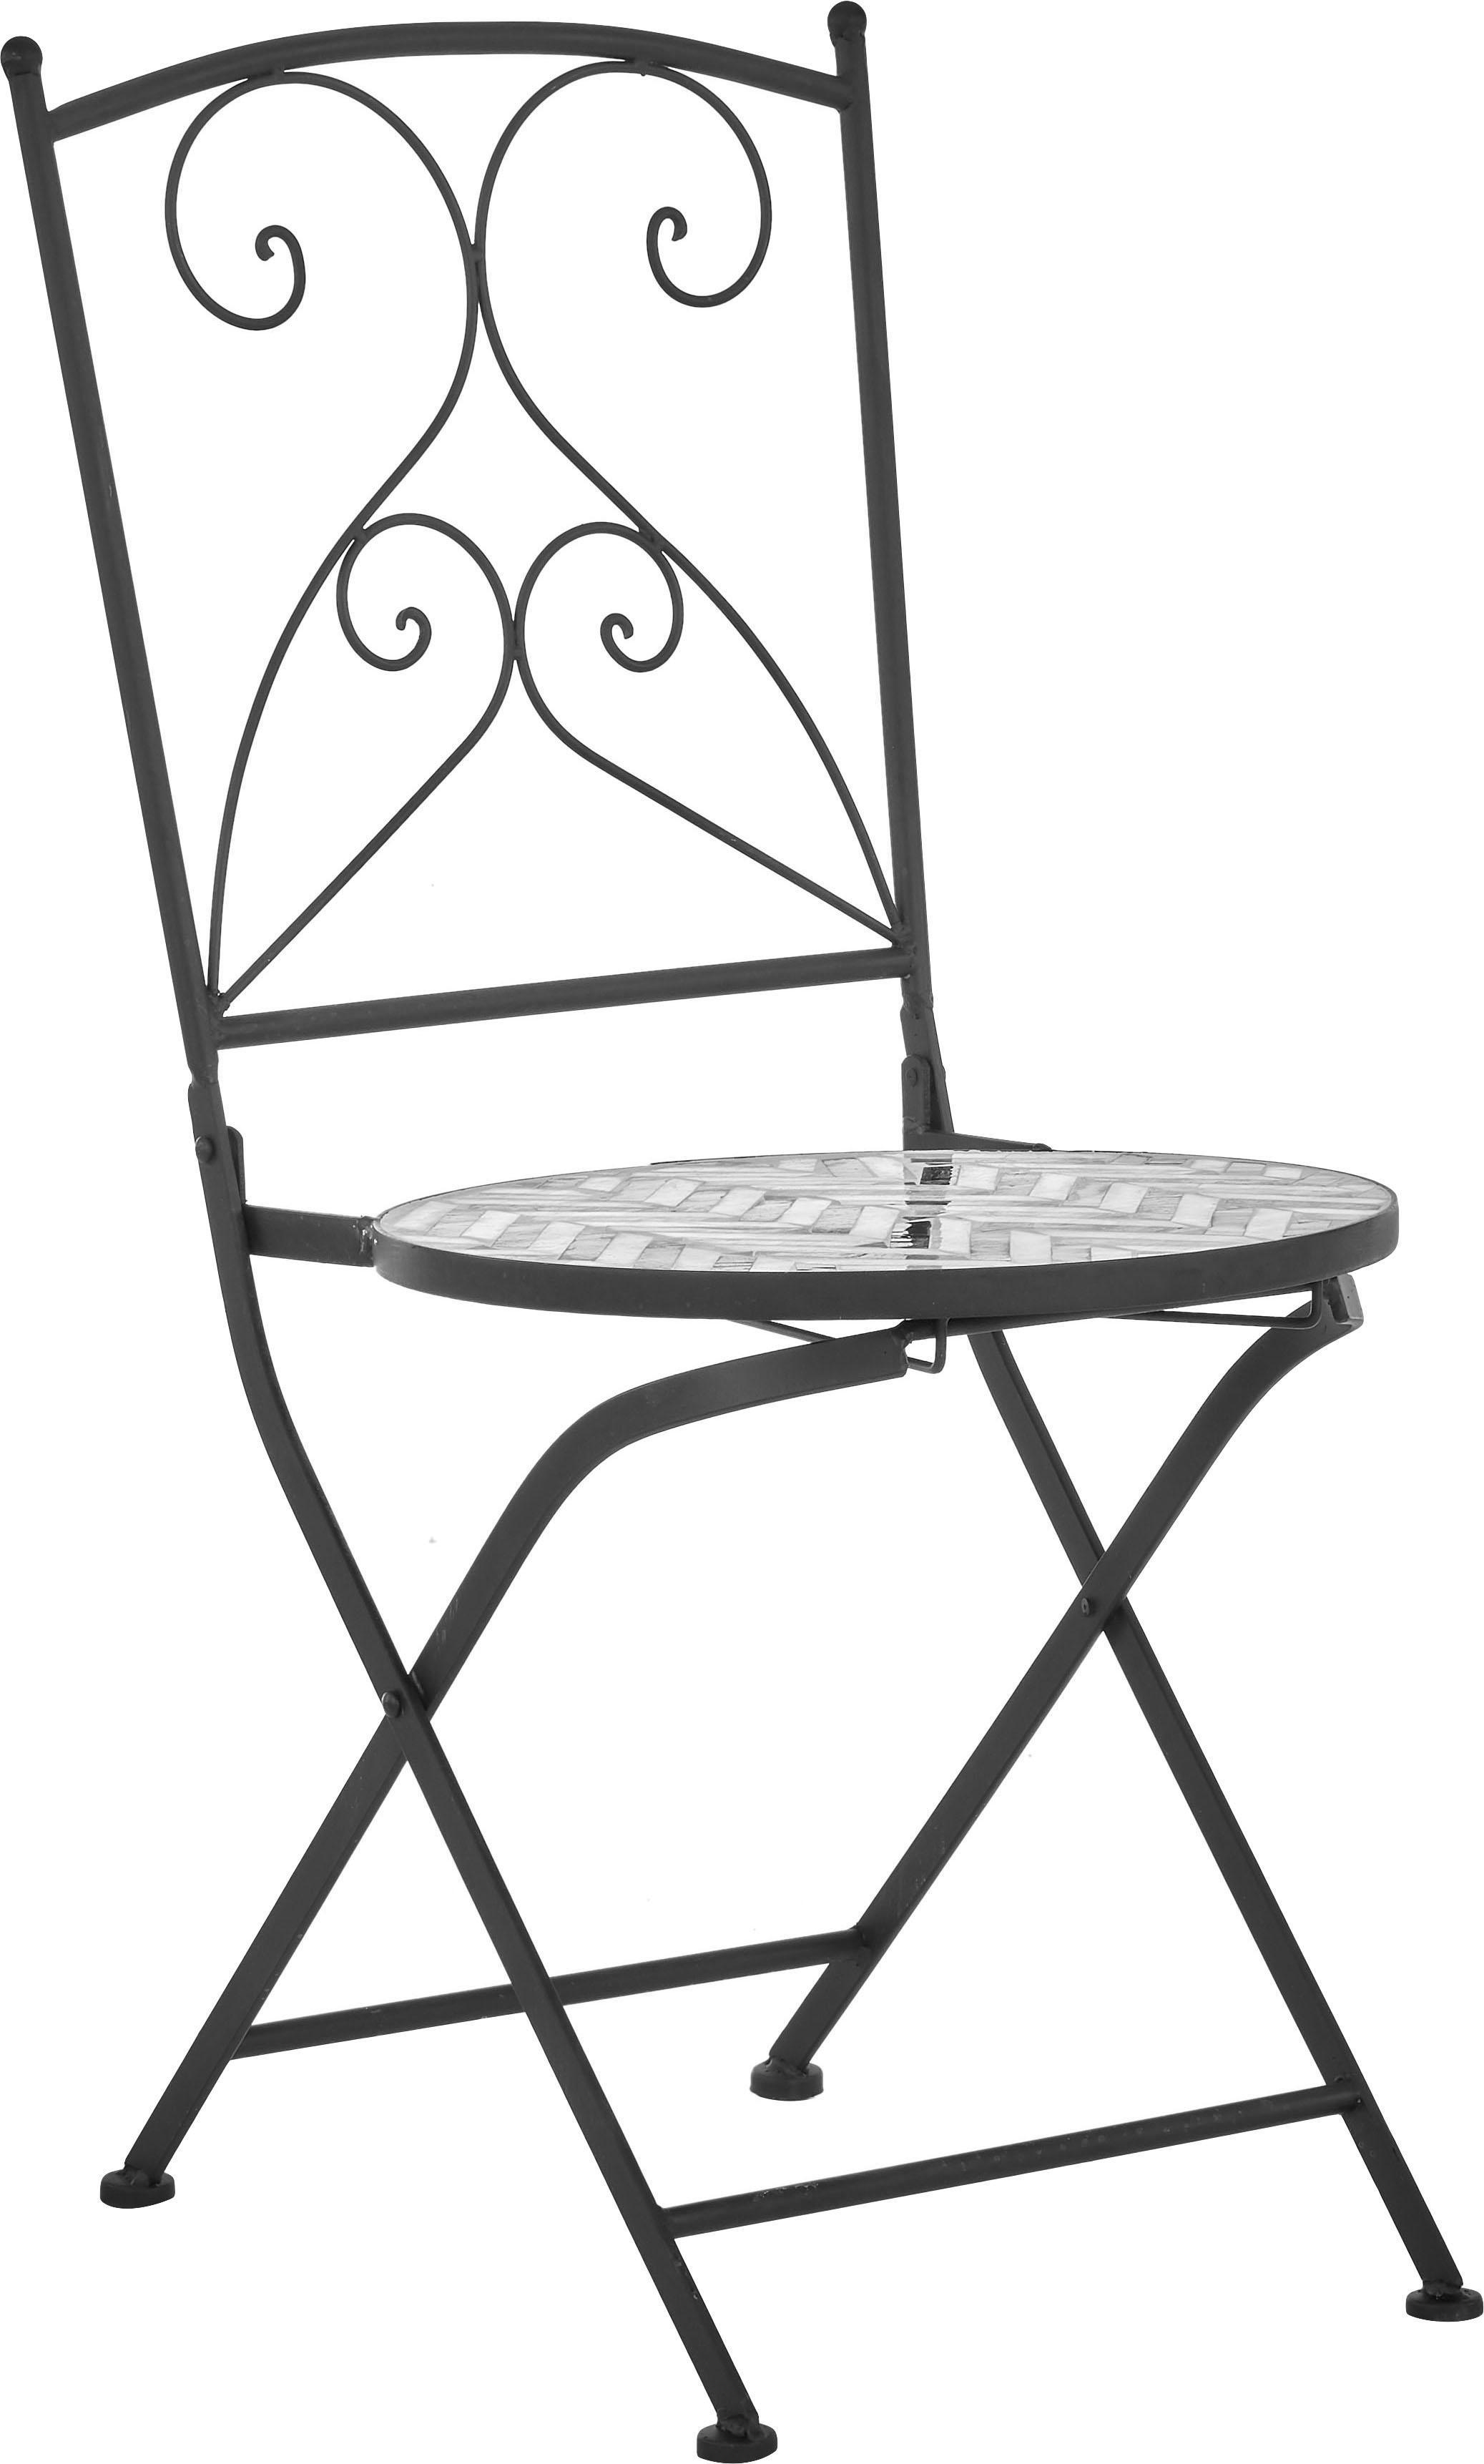 Sedie da esterno con mosaico Verano 2 pz, Struttura: metallo, verniciato a pol, Seduta: mosaico di pietra, Grigio, bianco, nero, Larg. 40 x Prof. 52 cm